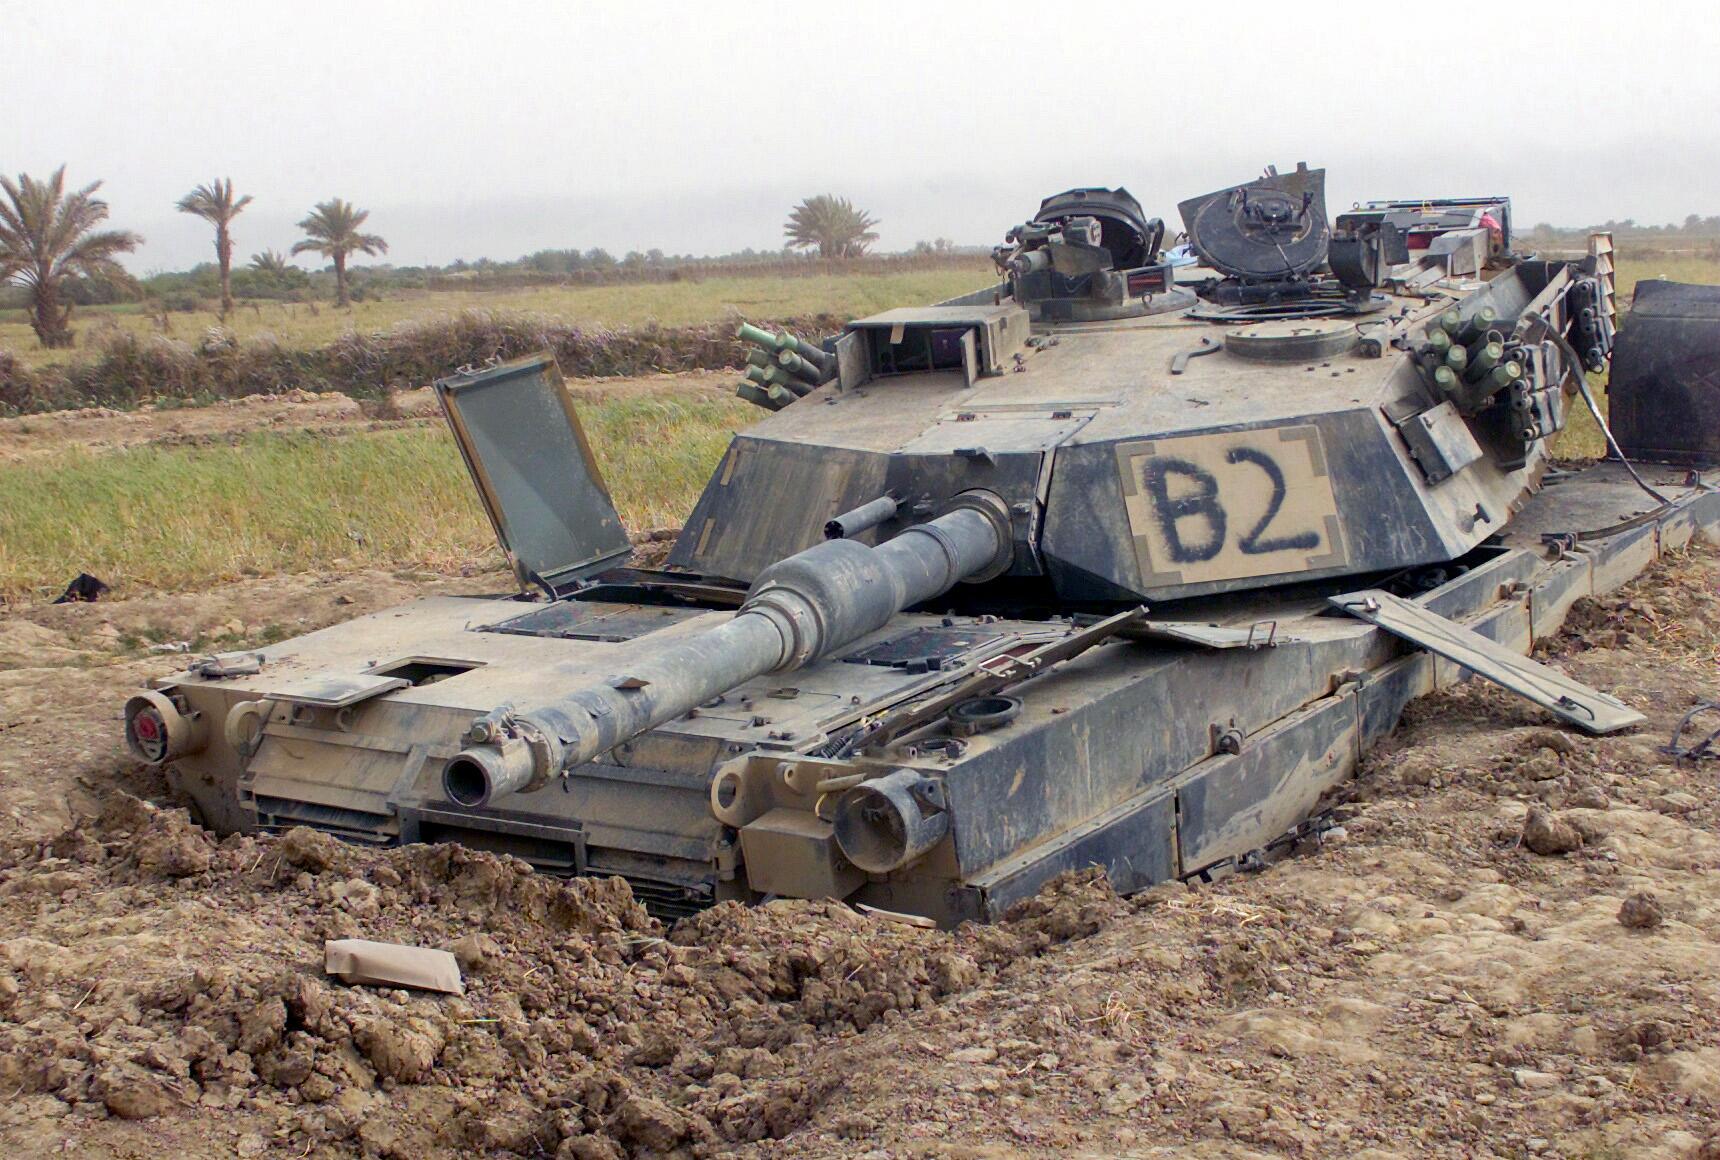 2015 - الجزائر تستلم حزمة ثالثة  من  [ دبابات T-90  ]   - صفحة 3 M1abramsstuck